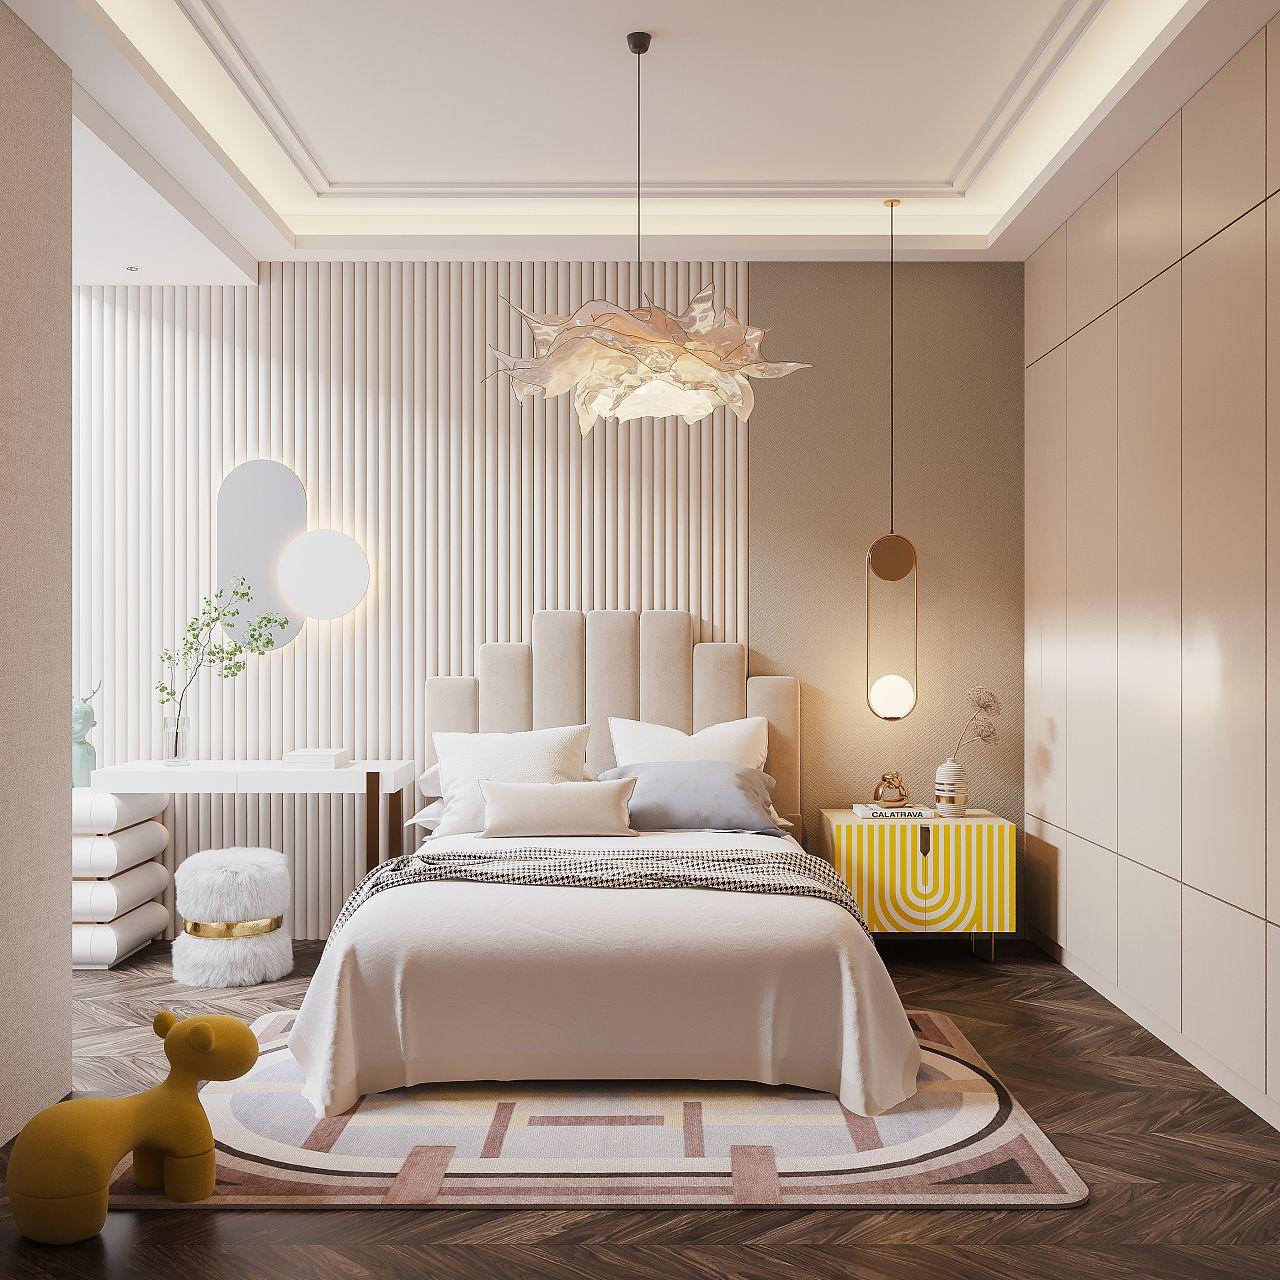 Home design bedroom furniture